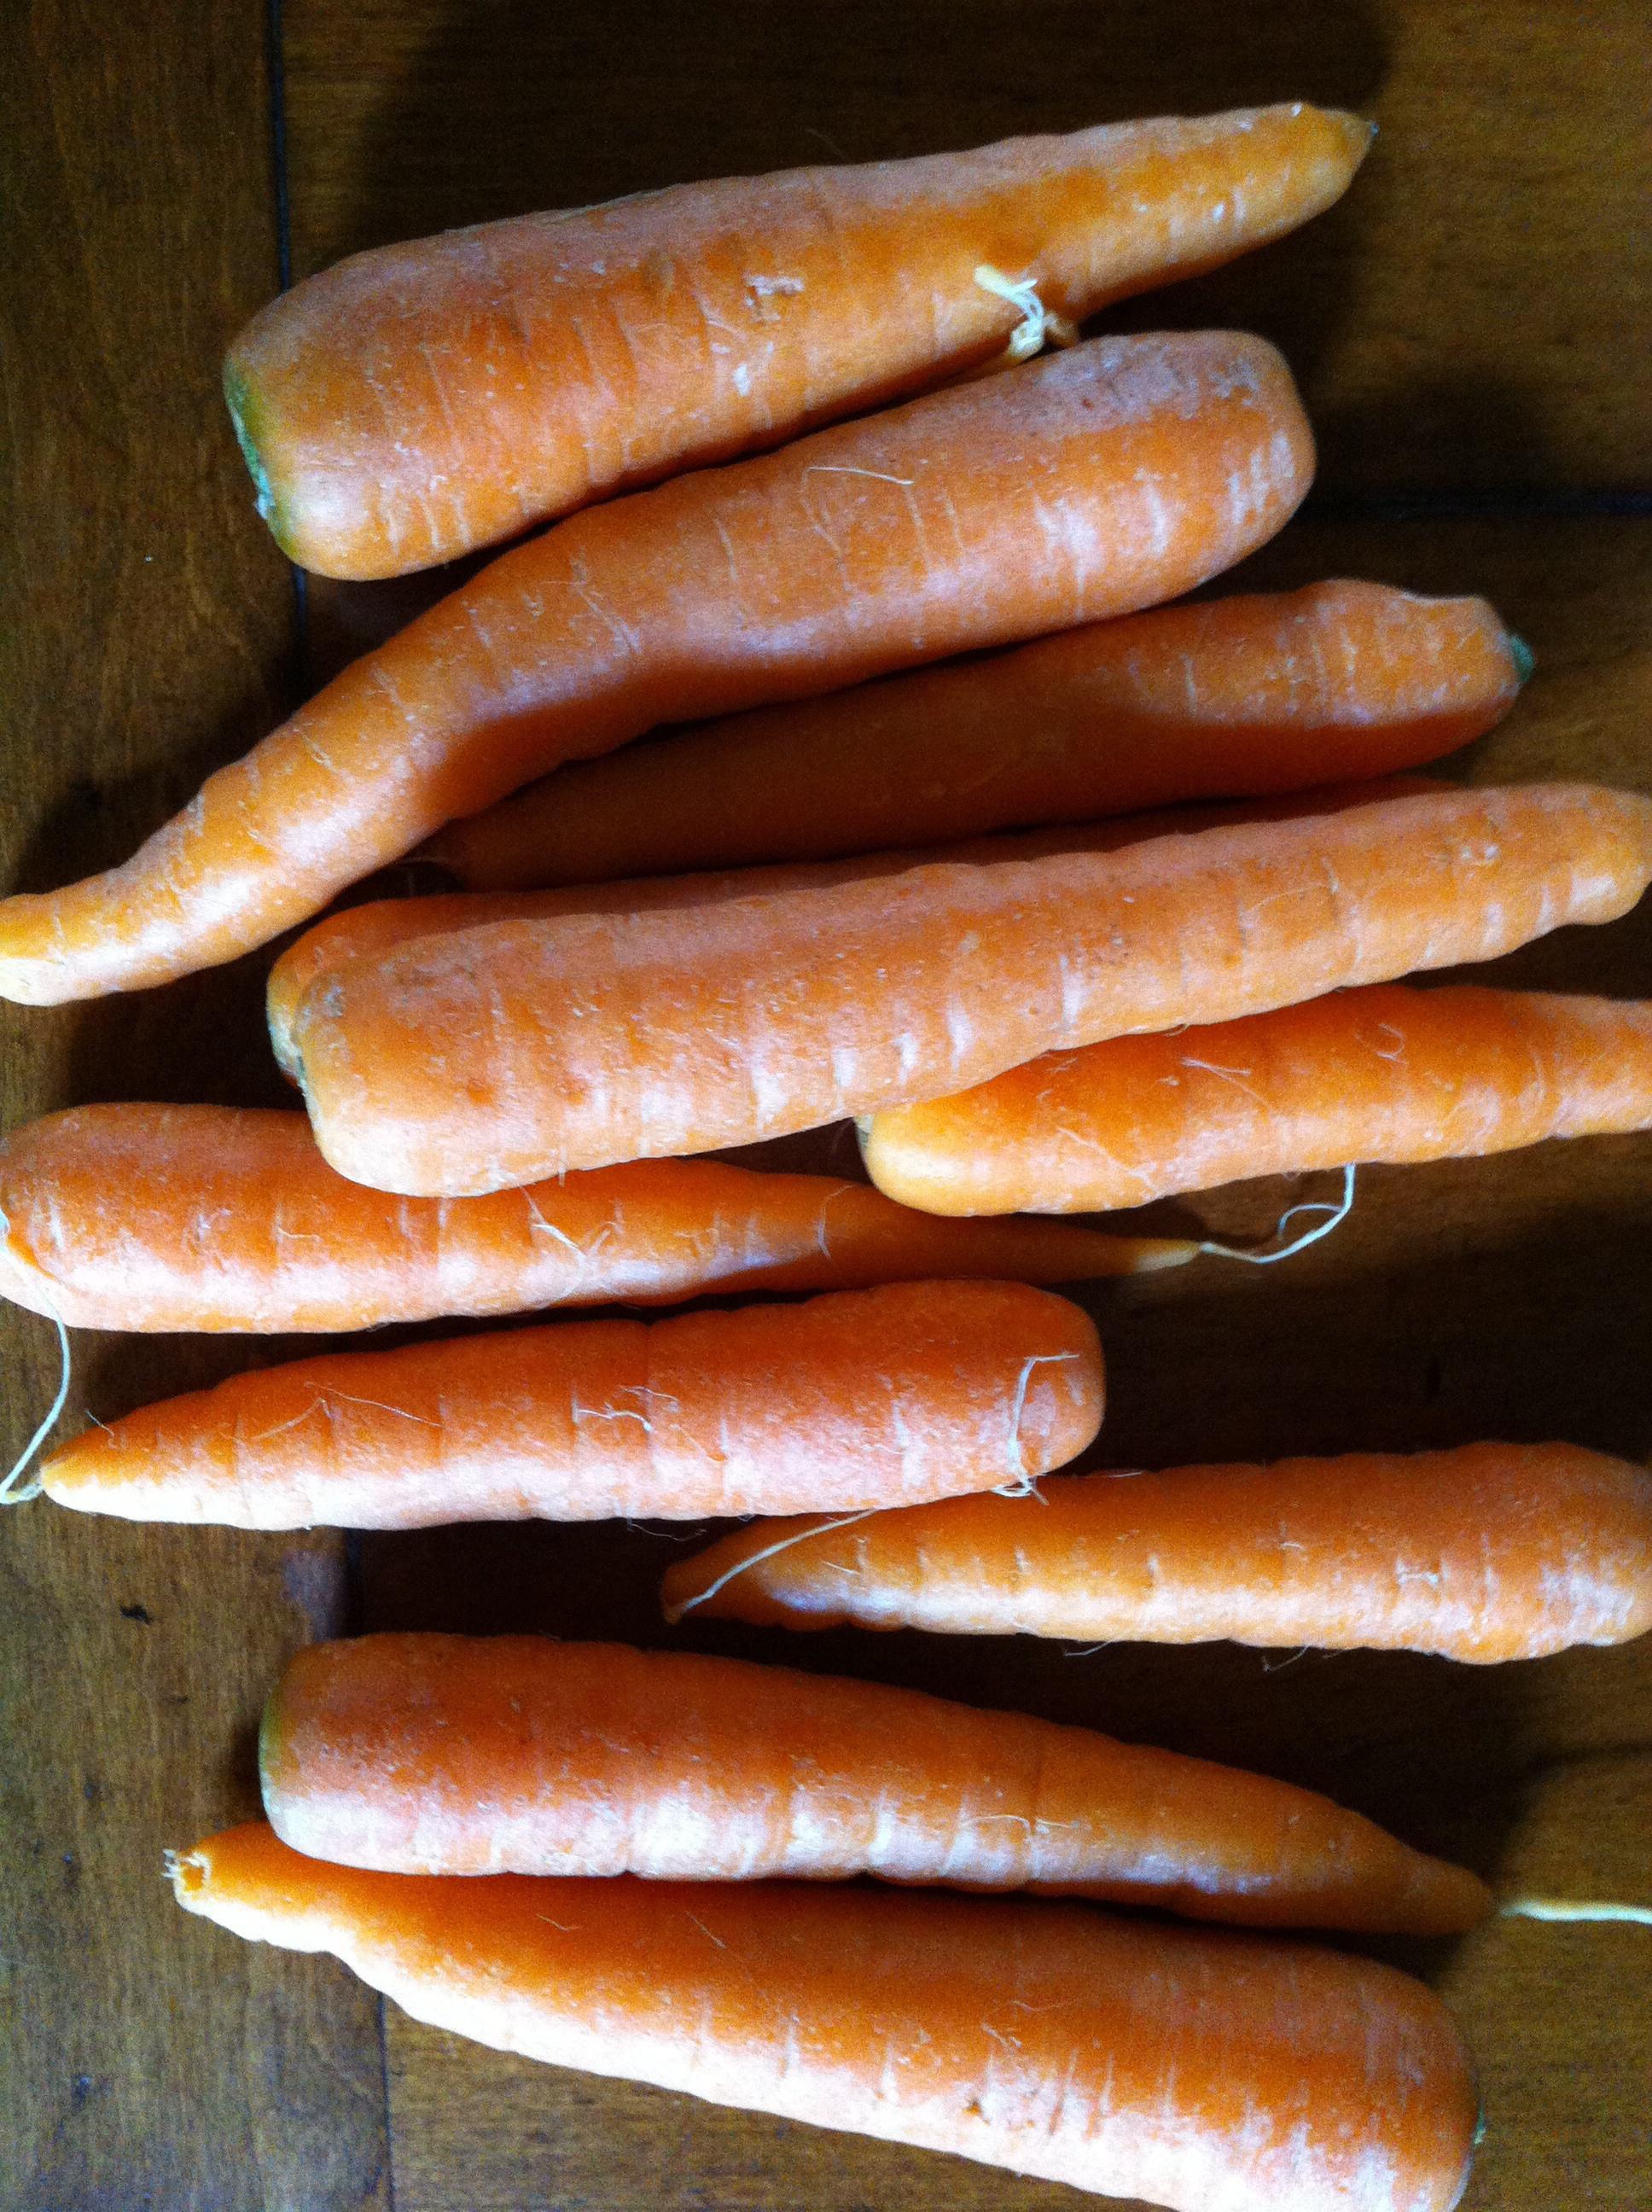 11 carrots